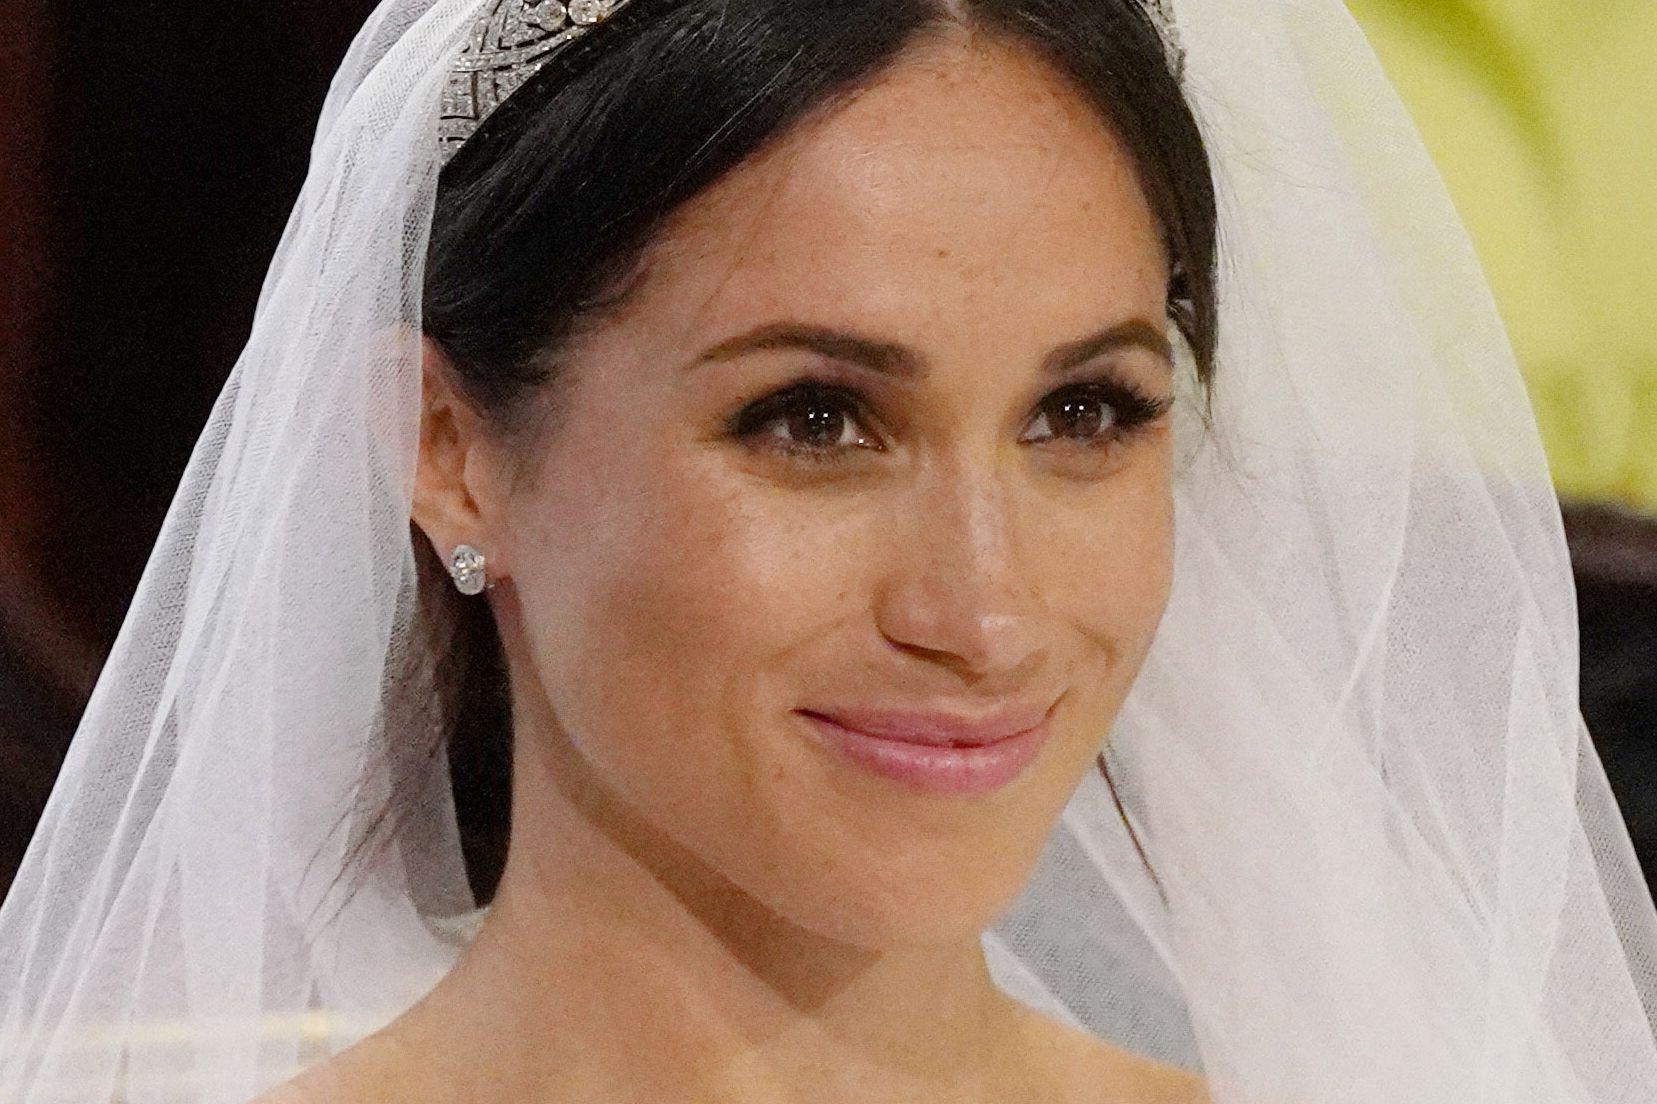 Image result for meghan markle freckles